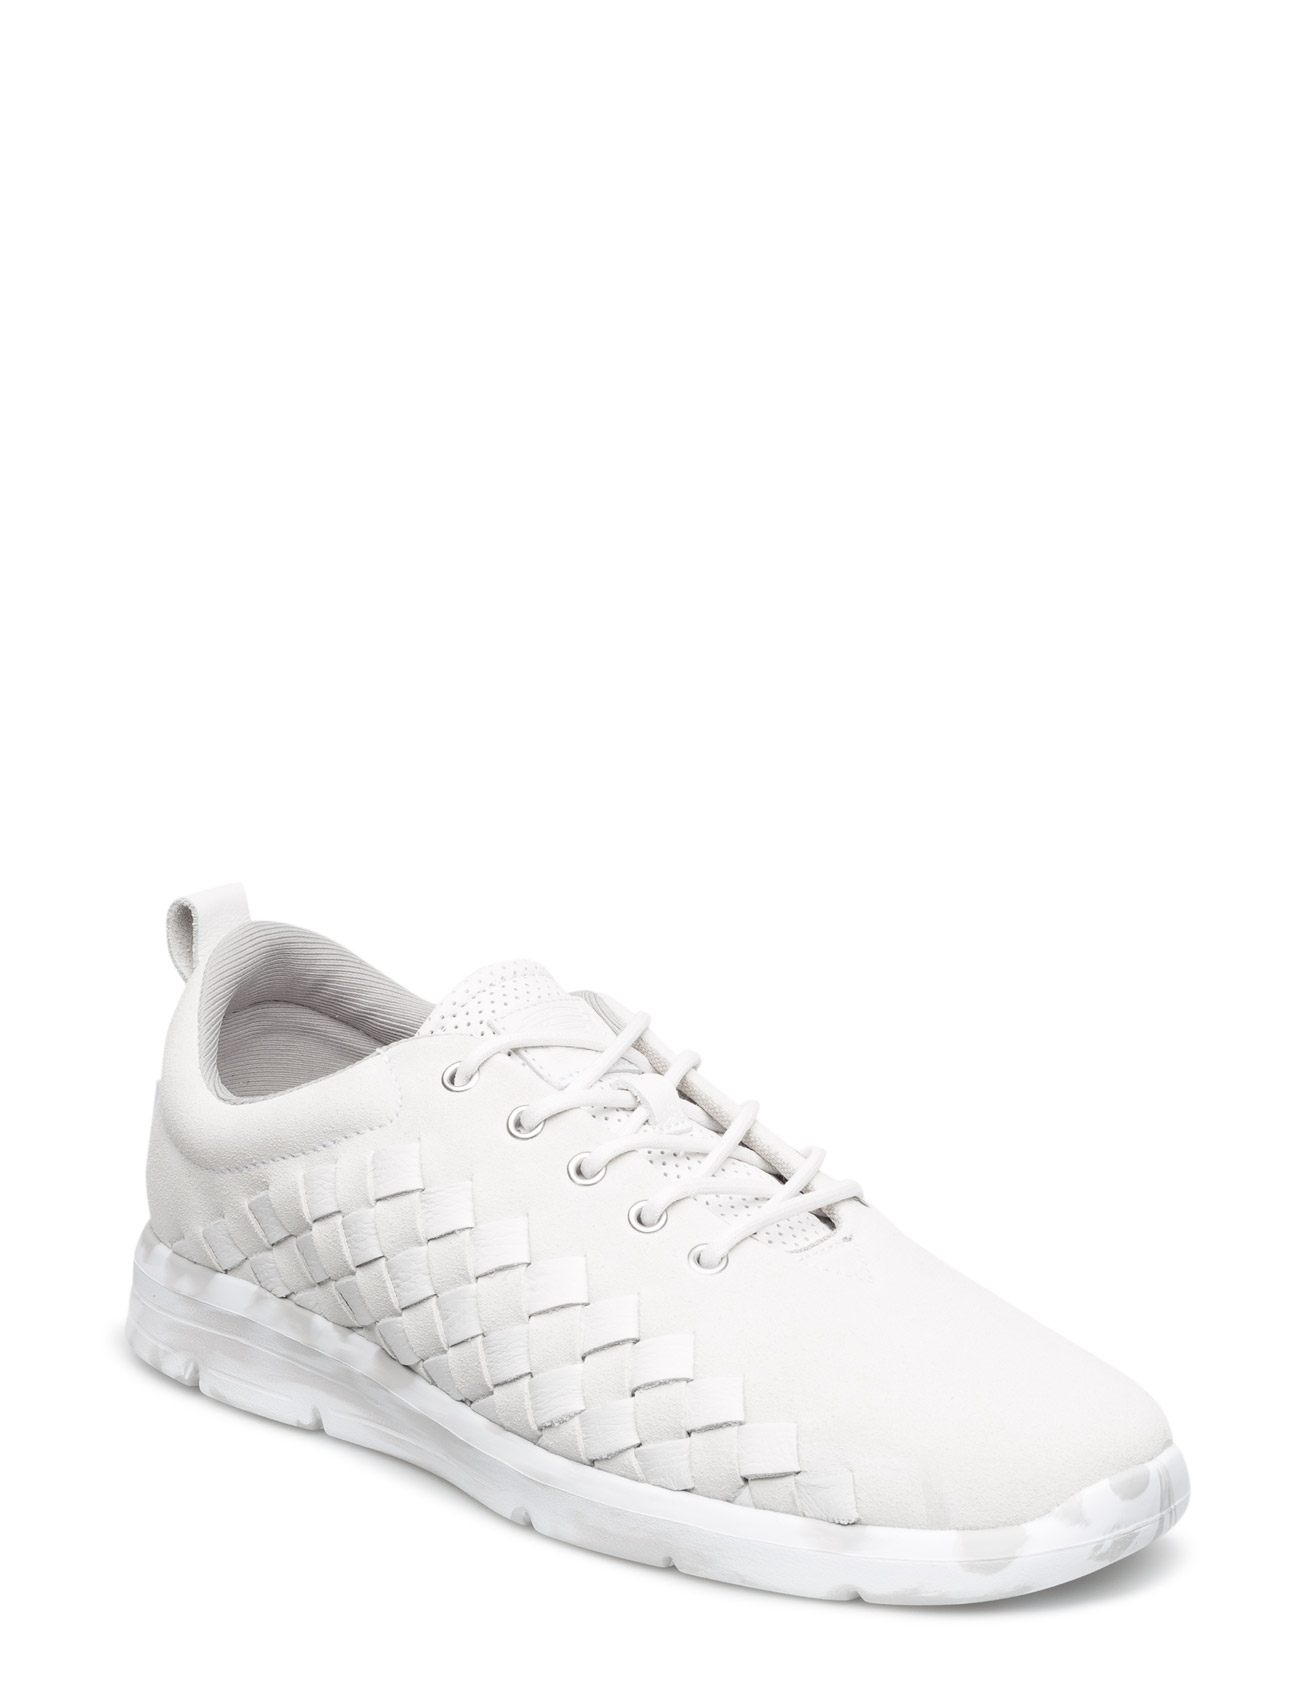 Tesella + VANS Sneakers til Mænd i Marmor sort